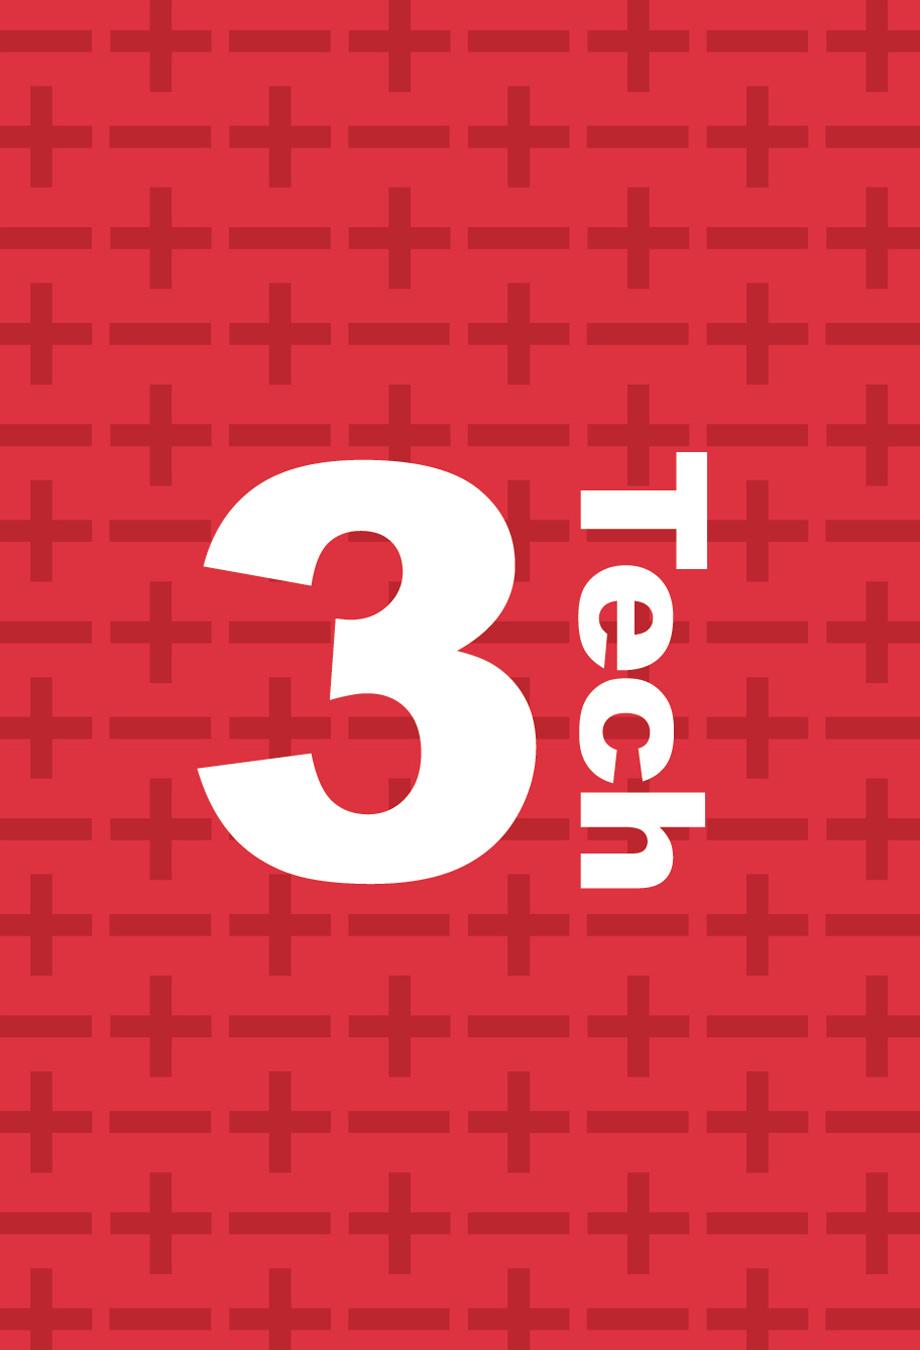 3TECH,Soluciones energéticas de telecomunicaciones,Generador DC,Gabinete de Energía